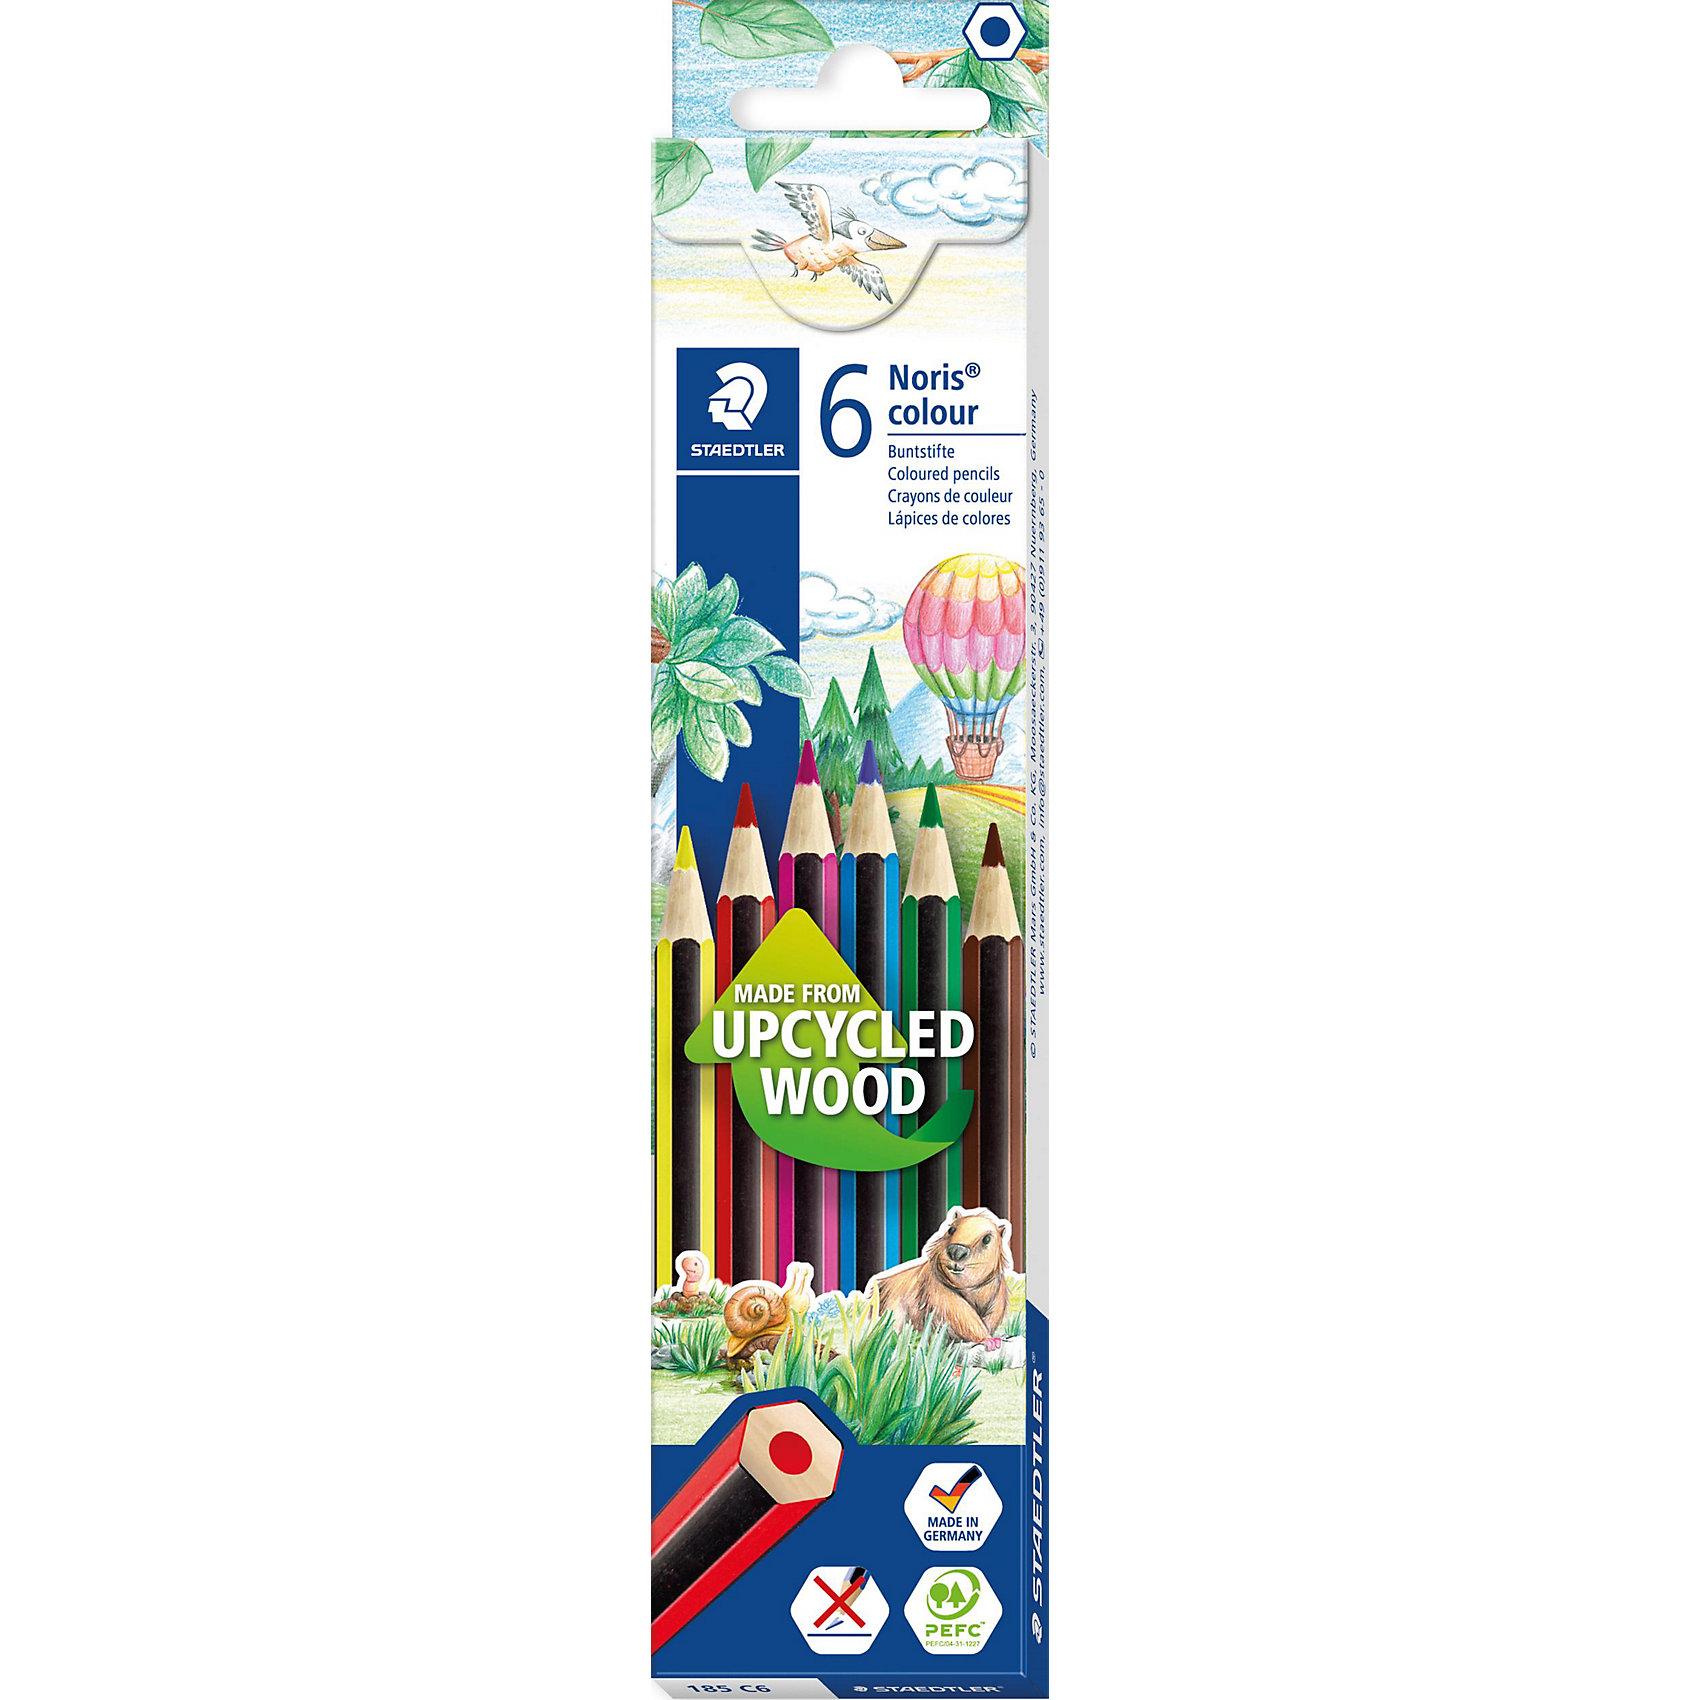 Карандаш цветные Noris Colour, 6 цвНовые цветные карандаши  Noris Color 185 из инновационного материала Wopex. <br>Сделаны из нового природного волокнистого материала: 70% древесины+пластиковый композит. <br>Высокое качество письма, рисования, эскизов. Нескользящая, бархатистая поверхность; особенно ударопрочный  корпус и грифель; гладкое письмо. Инновационный, однородный материал Wopex<br>обеспечивает исключительно гладкую и ровную заточку с любым качеством точилки. <br>Текст и рисунки легко стереть. Упаковка - 6 цветов.<br><br>Ширина мм: 99<br>Глубина мм: 45<br>Высота мм: 9<br>Вес г: 60<br>Возраст от месяцев: 60<br>Возраст до месяцев: 168<br>Пол: Унисекс<br>Возраст: Детский<br>SKU: 4918514